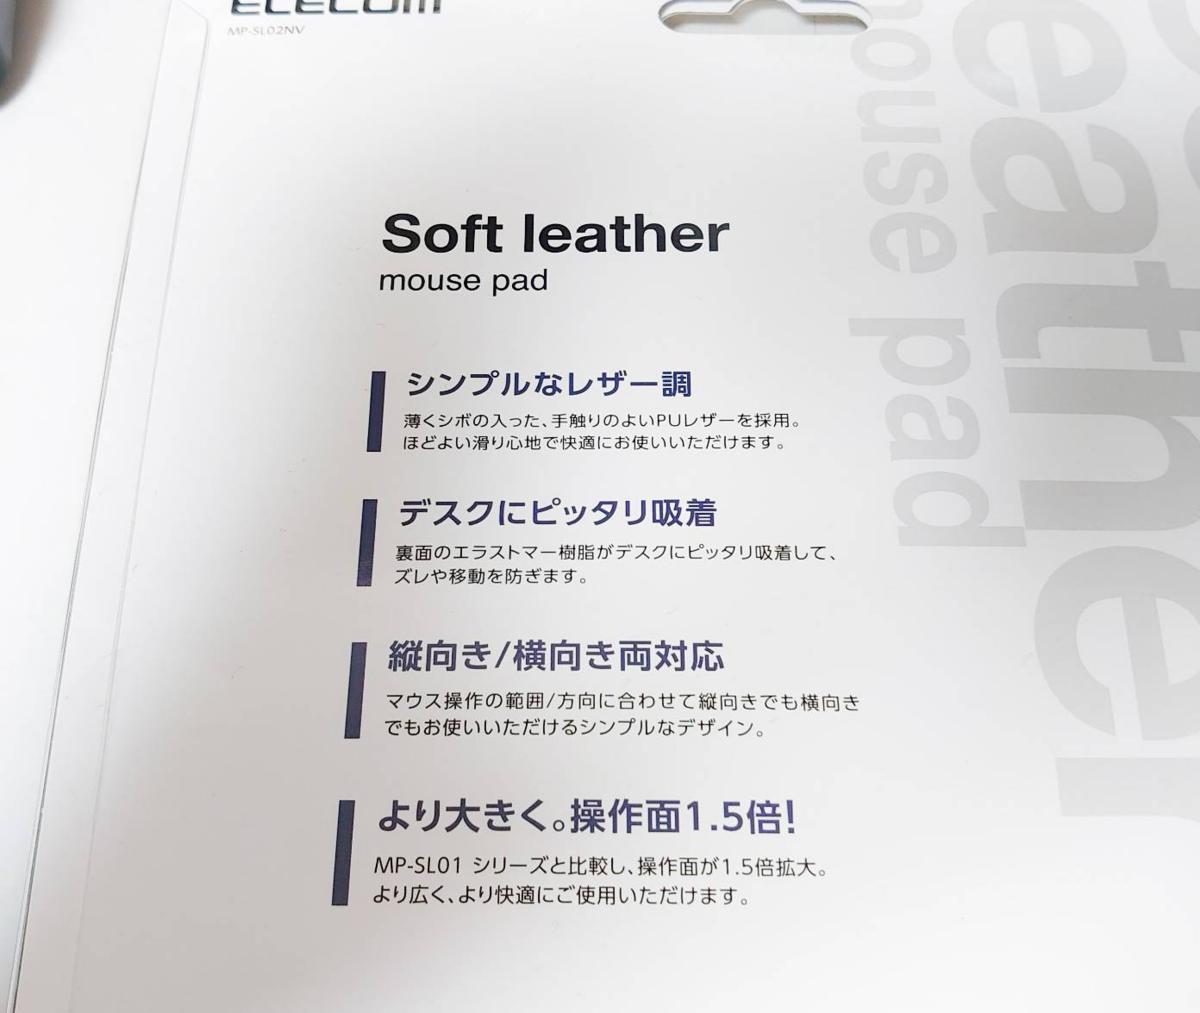 f:id:R-kun:20200526204732p:plain